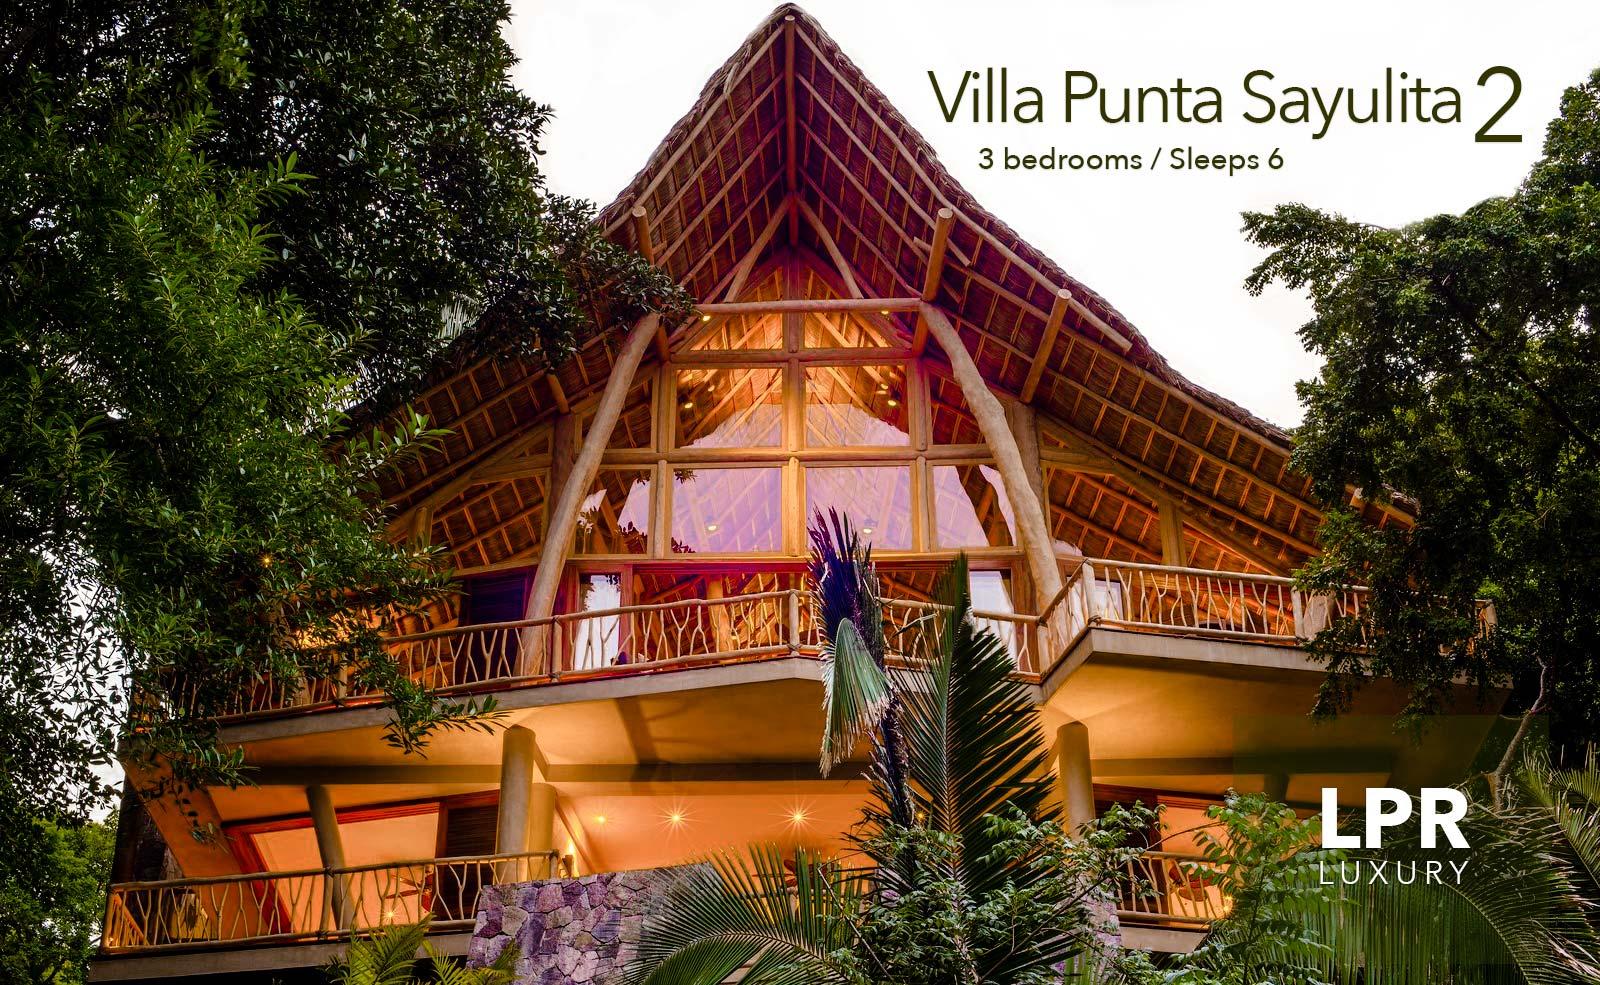 Villa Punta Sayulita 2 - Luxury jungle oceanview vacation villa for sale in Sayulita, Riviera Nayarit, Mexico